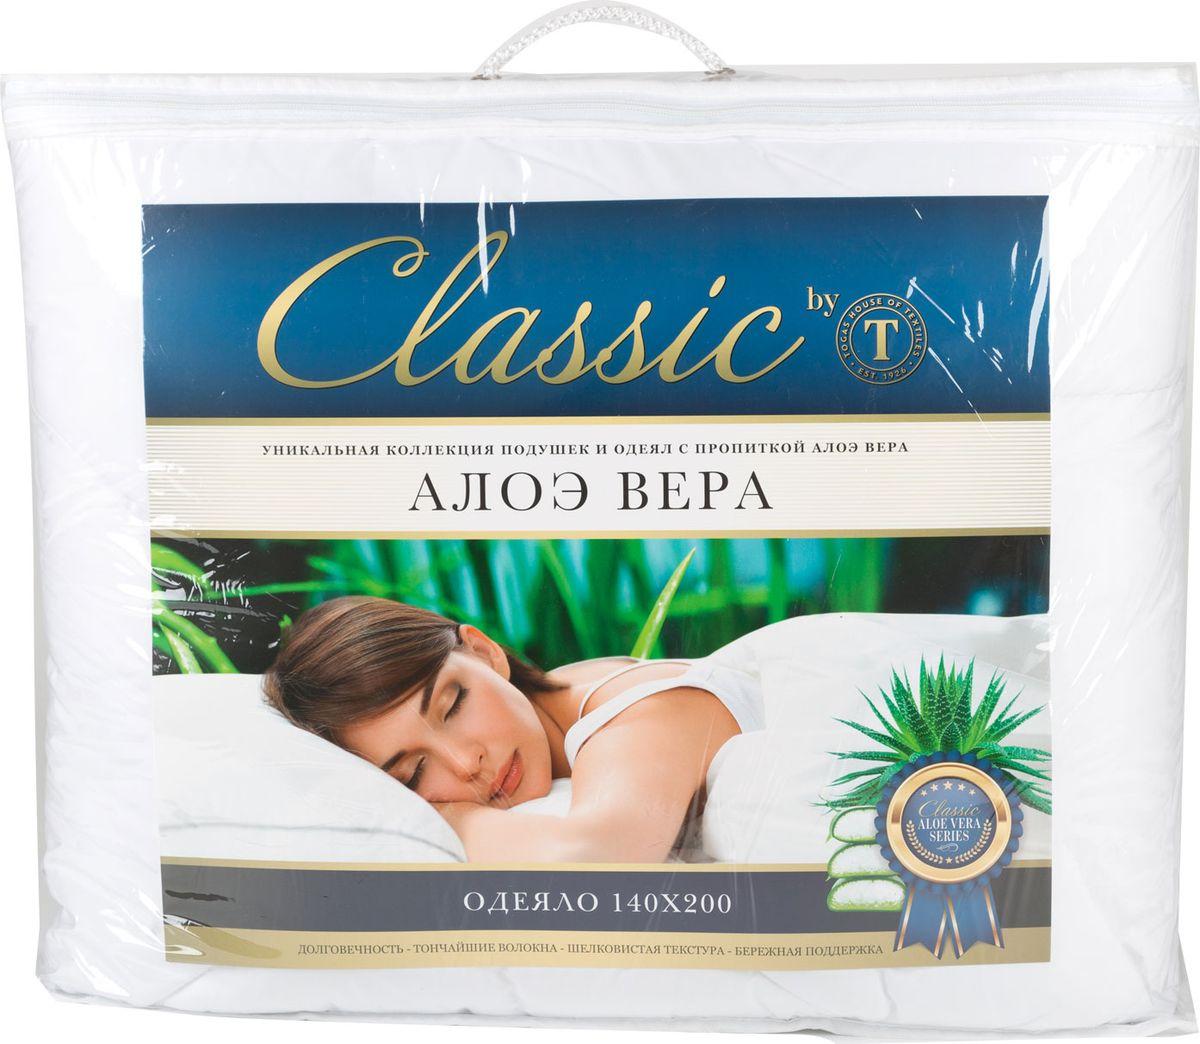 Одеяло Classic by Togas Алоэ вера, наполнитель: синтетический пух, 140 х 200 см42.431Одеяло Classic by Togas Алоэ вера поможет расслабиться, снимет усталость и подарит вам спокойный и здоровый сон. Одеяло с синтетическим наполнителем необычайно легкое, пышное, обладает превосходными теплозащитными свойствами. Такой наполнитель отлично удерживает воздух и тепло, превосходно впитывает влагу и испаряет ее. Это экологически чистый материал с высокими гигиеническими и гипоаллергенными качествами, который к тому же очень практичен. Одеяло с таким наполнителем можно стирать дома, а сохнет оно почти моментально. Чехол одеяла сделан из высокотехнологичной ткани - микрофибры. Она приятна на ощупь и отличается высокой прочностью. Гель алоэ вера, которым пропитаны чехол и наполнитель, обладает уникальными свойствами: оказывает оздоравливающий и тонизирующий эффект, увлажняет кожу, способствует улучшению работы сердца, расслабляет и снимает напряжение в мышцах.